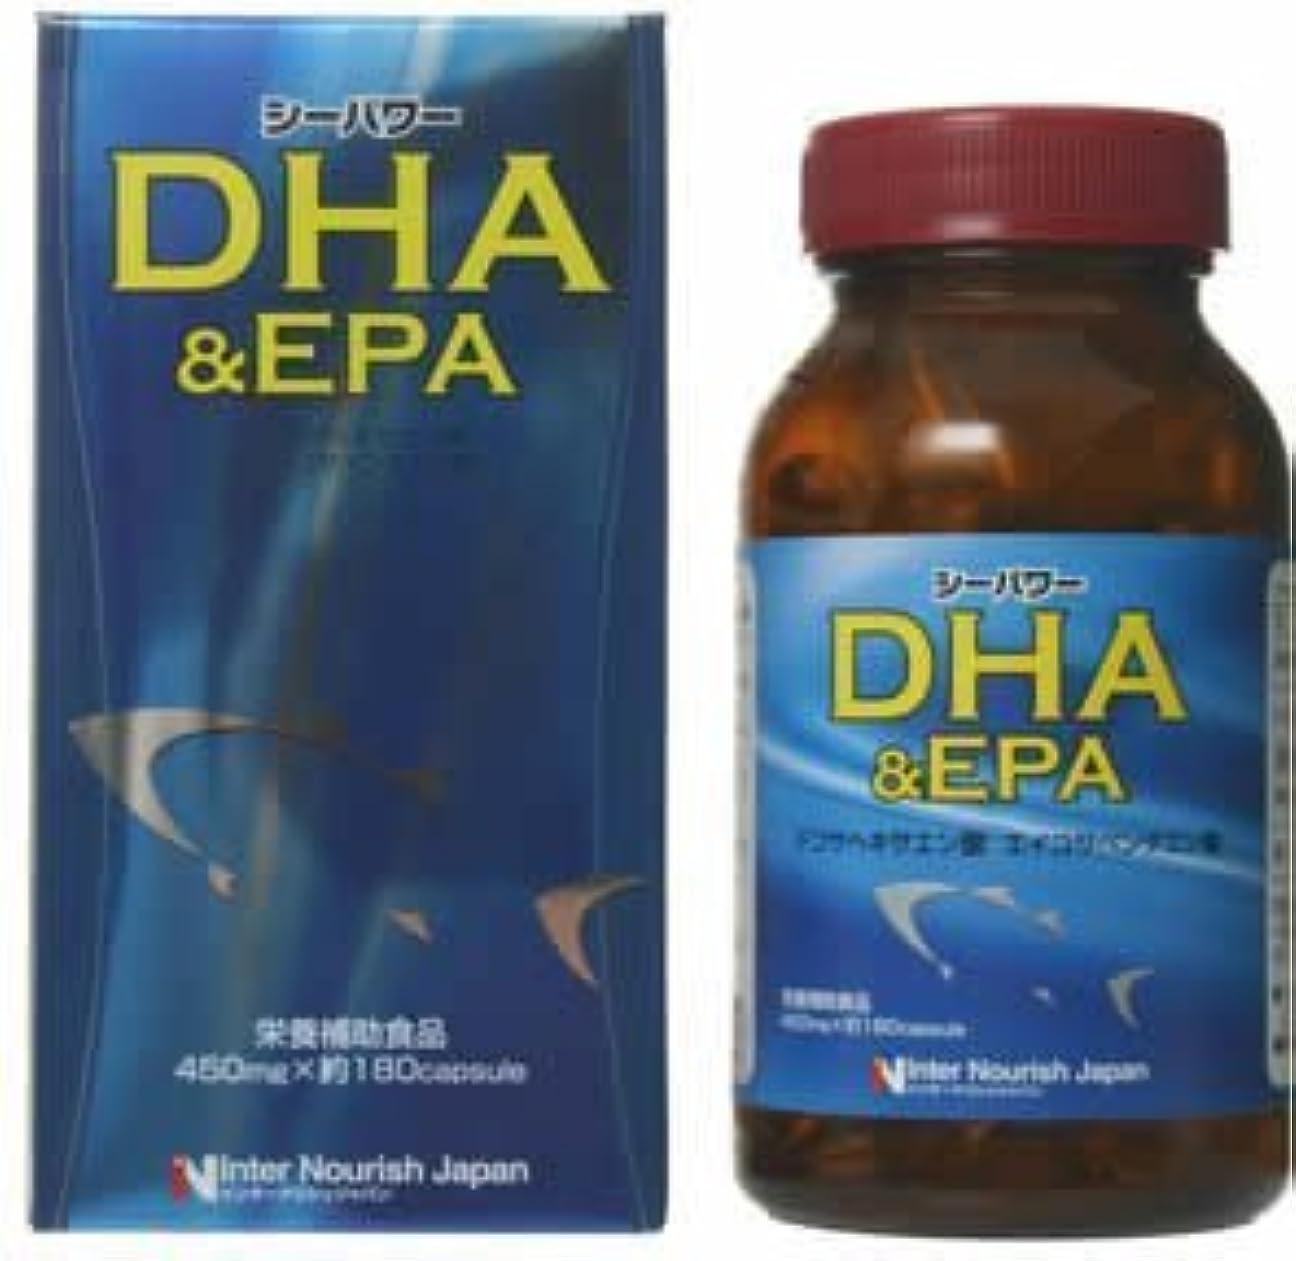 供給正しく男性シーパワーDHA+EPA 450mg×180粒